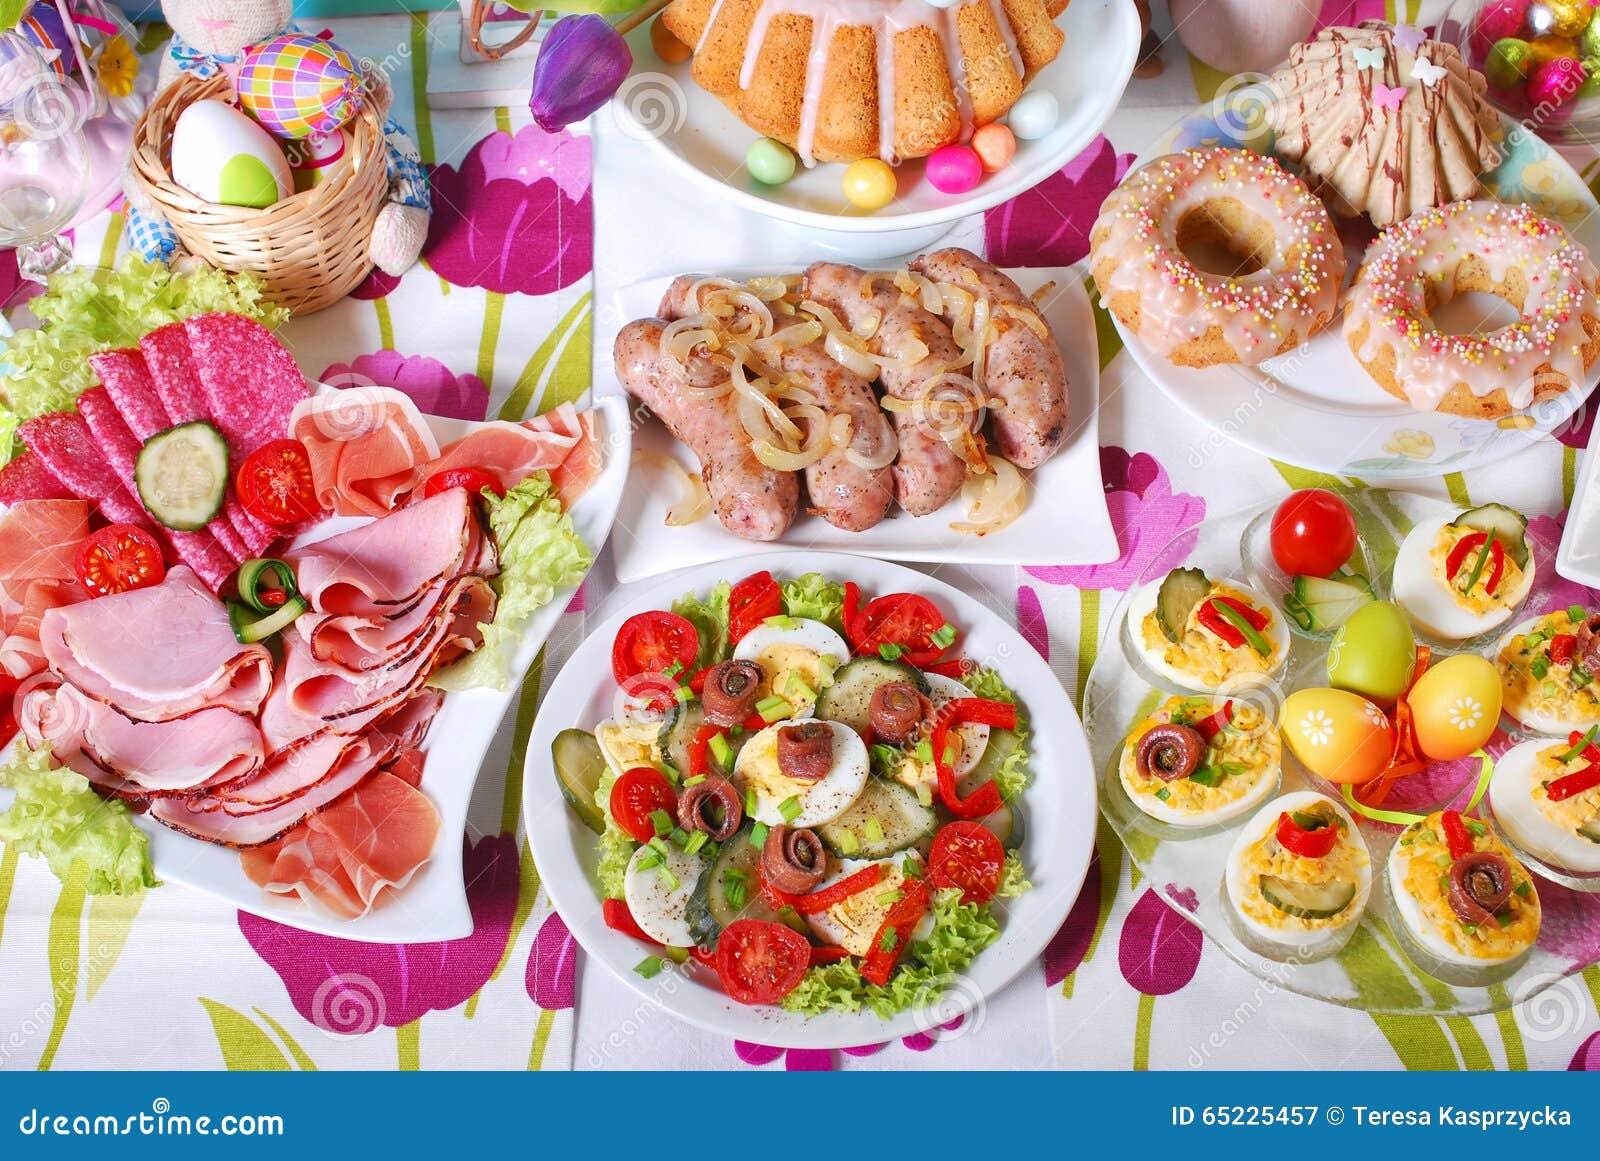 Tradycyjny Easter śniadanie na świątecznym stole